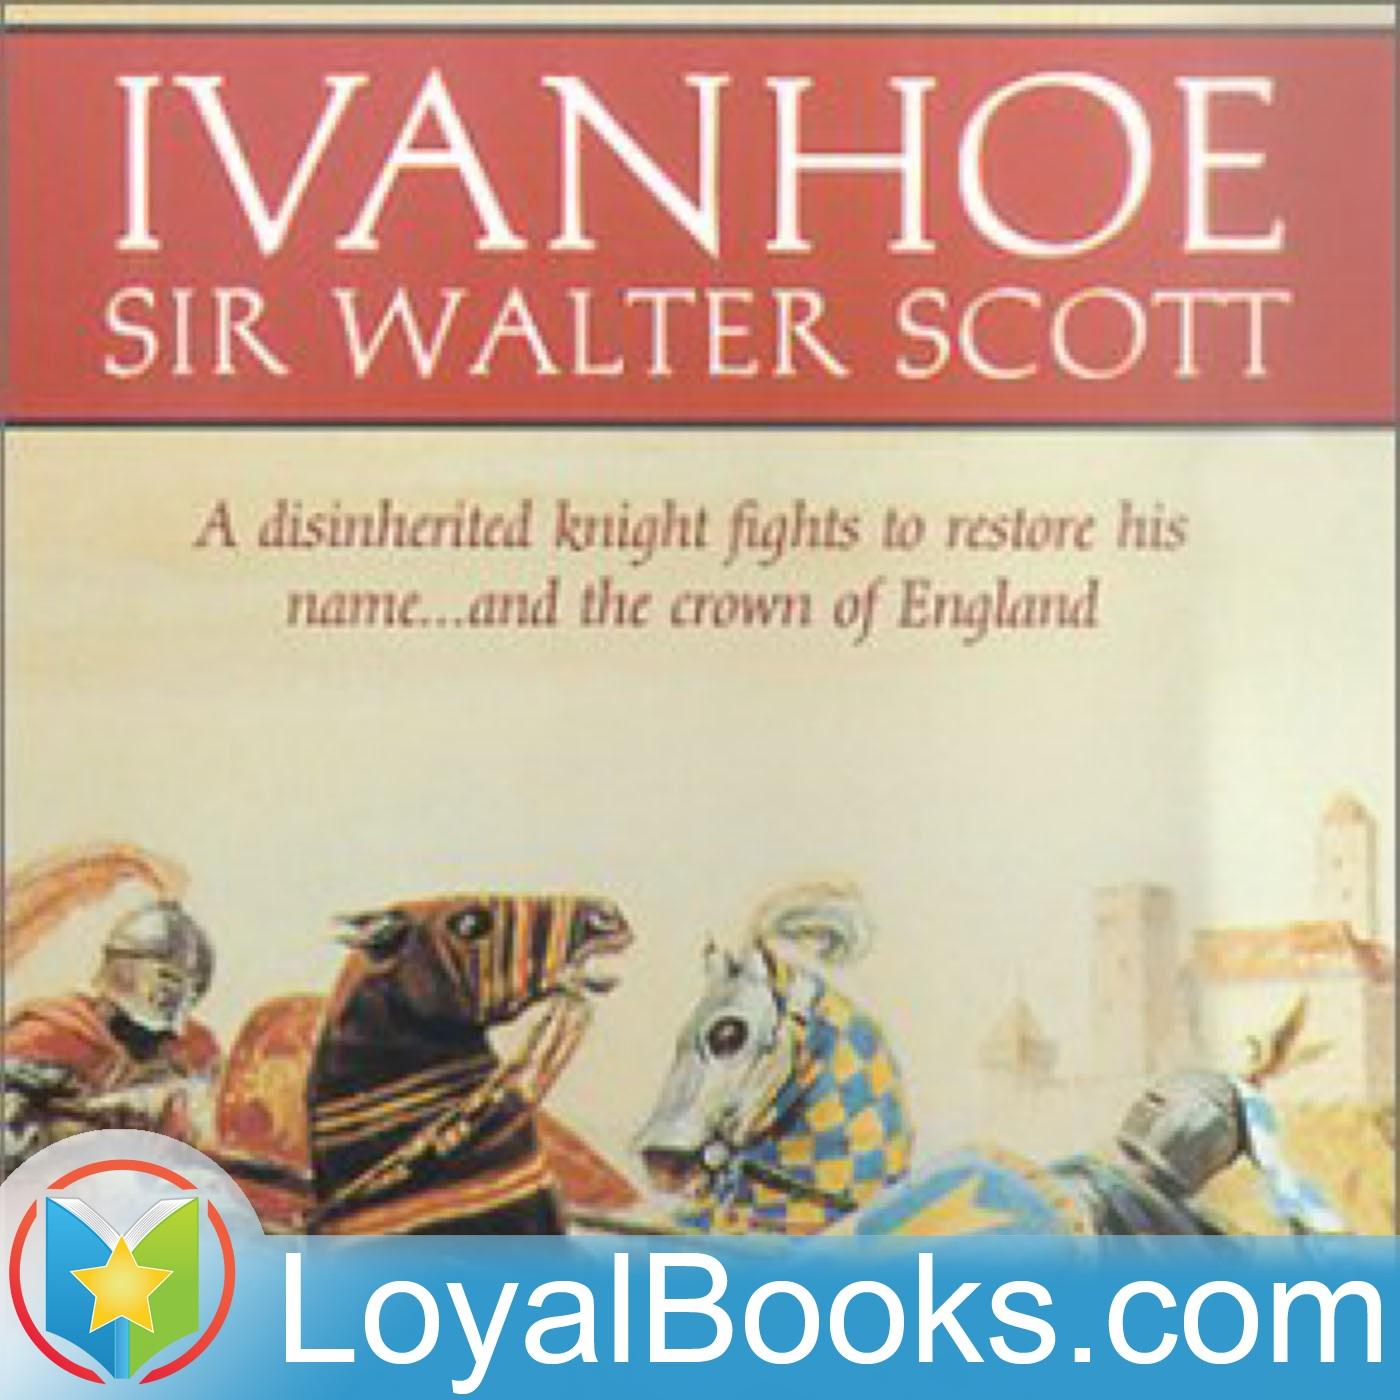 <![CDATA[Ivanhoe by Sir Walter Scott]]>